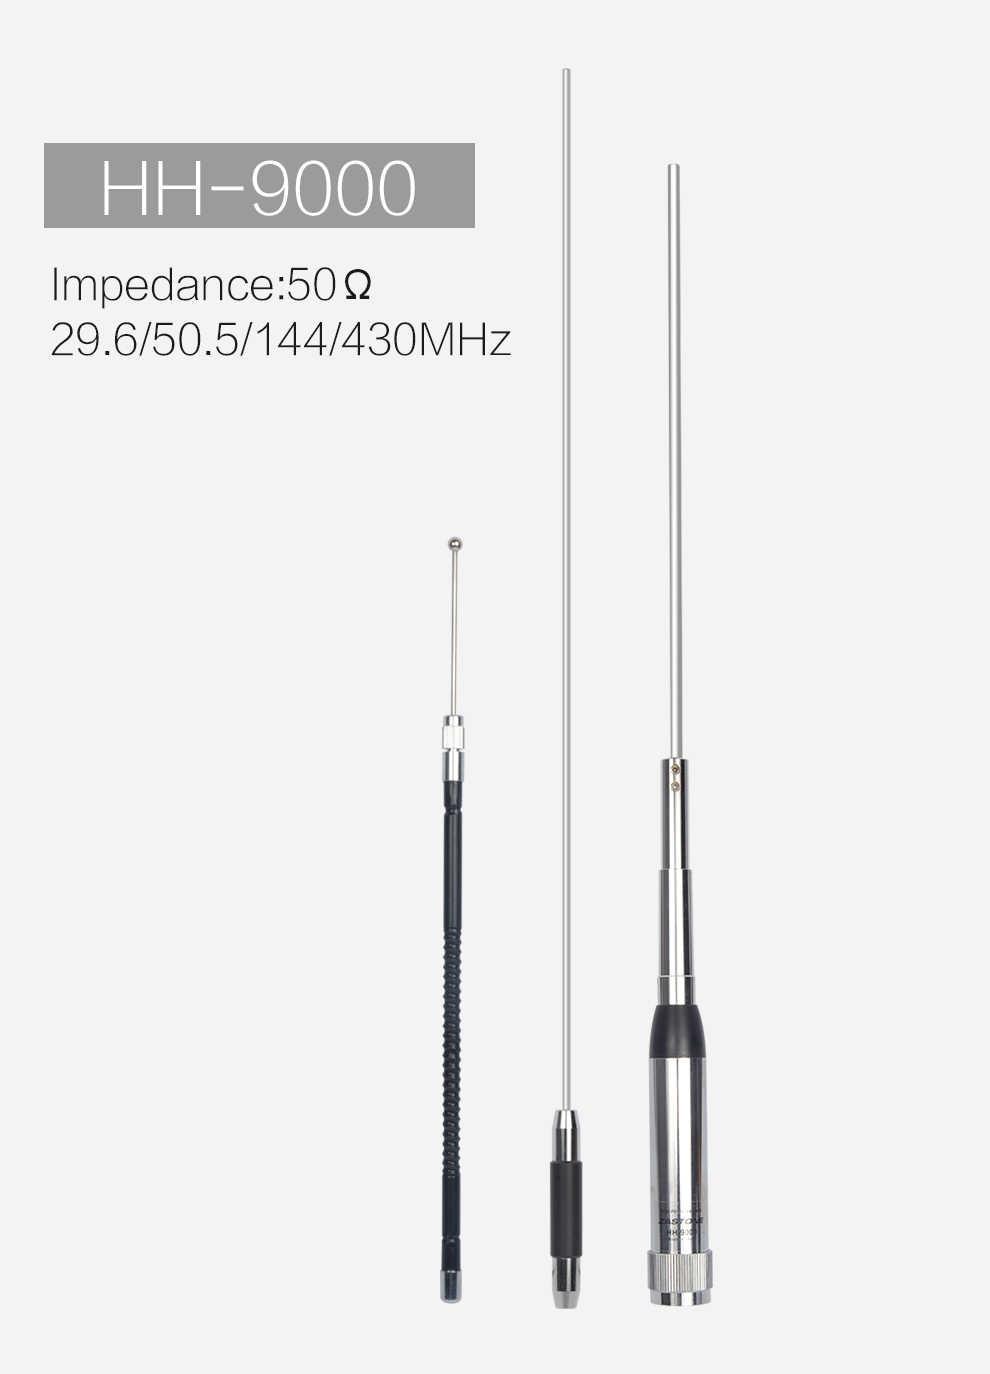 Antenne quadri-bande Radio Mobile double bande HH-9000 10 m/6 m/2 m/70 cm pour Luiton, Baofeng, BTECH Anytone TYT TH-9800 QYT KT-980